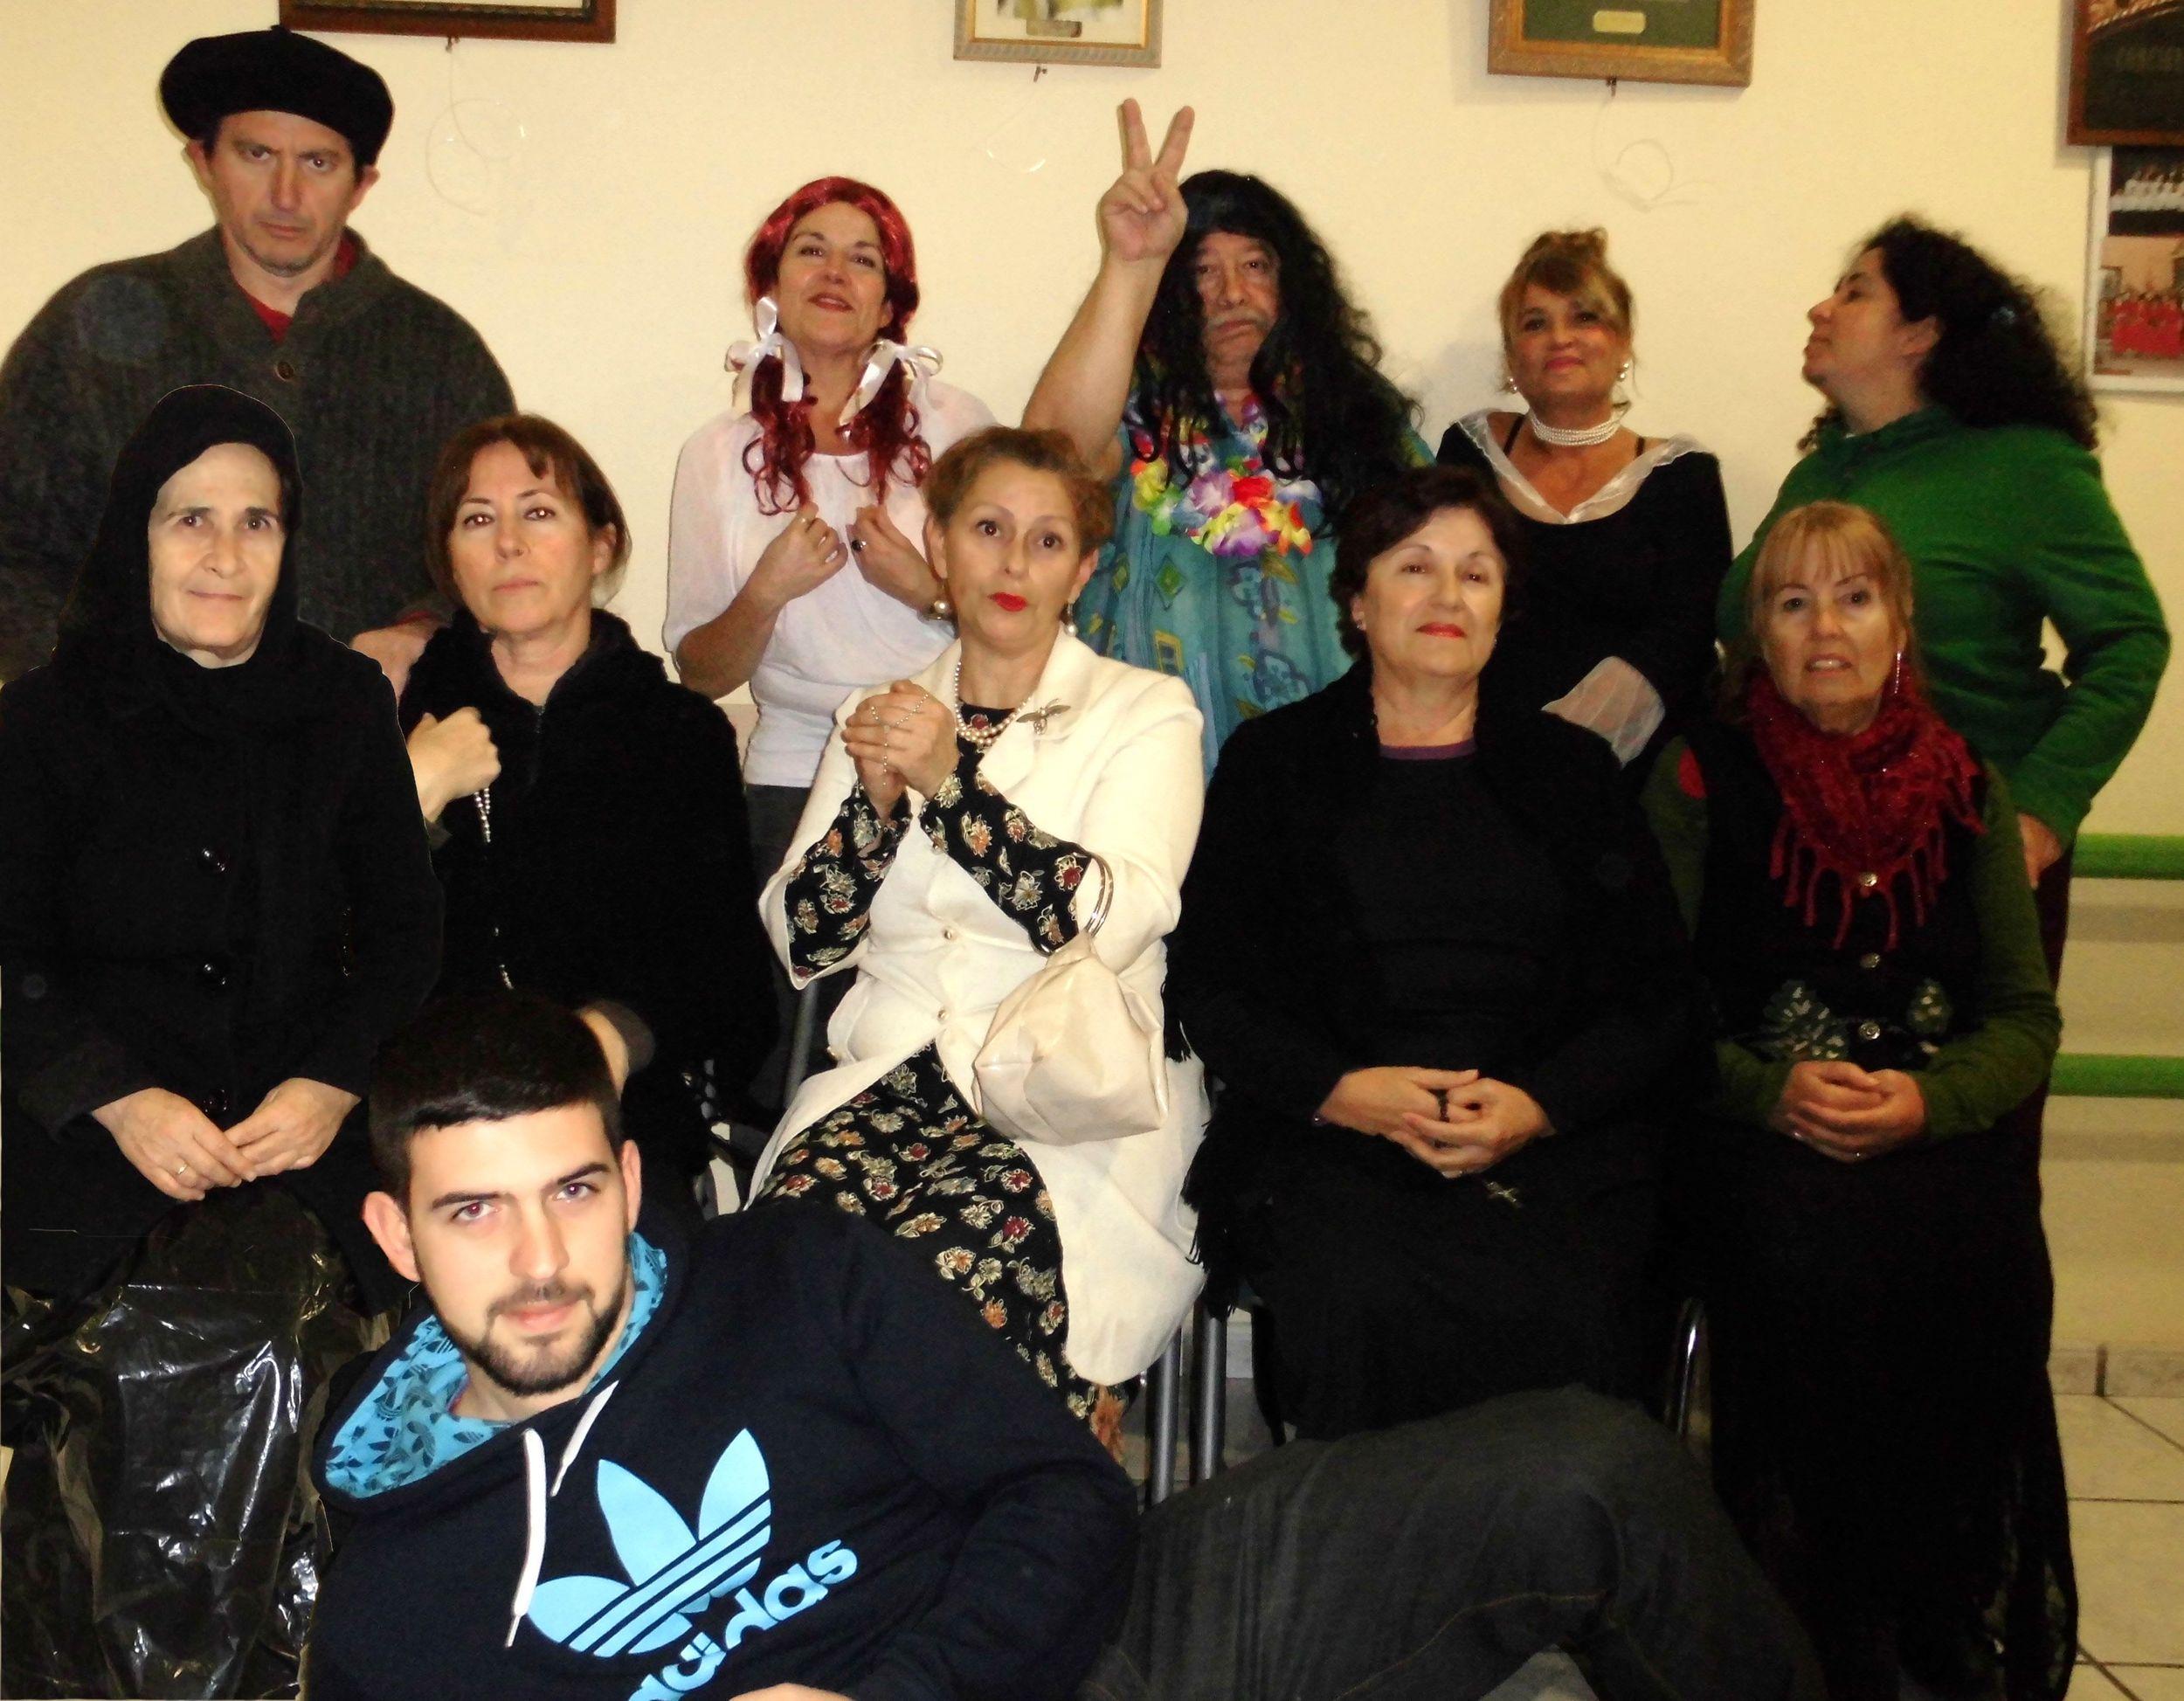 XXII Muestra de Teatro de Centros Docentes: Ateneo Sociocultural de Benalmádena ' El Album de fotos' (Spanglish Musical)